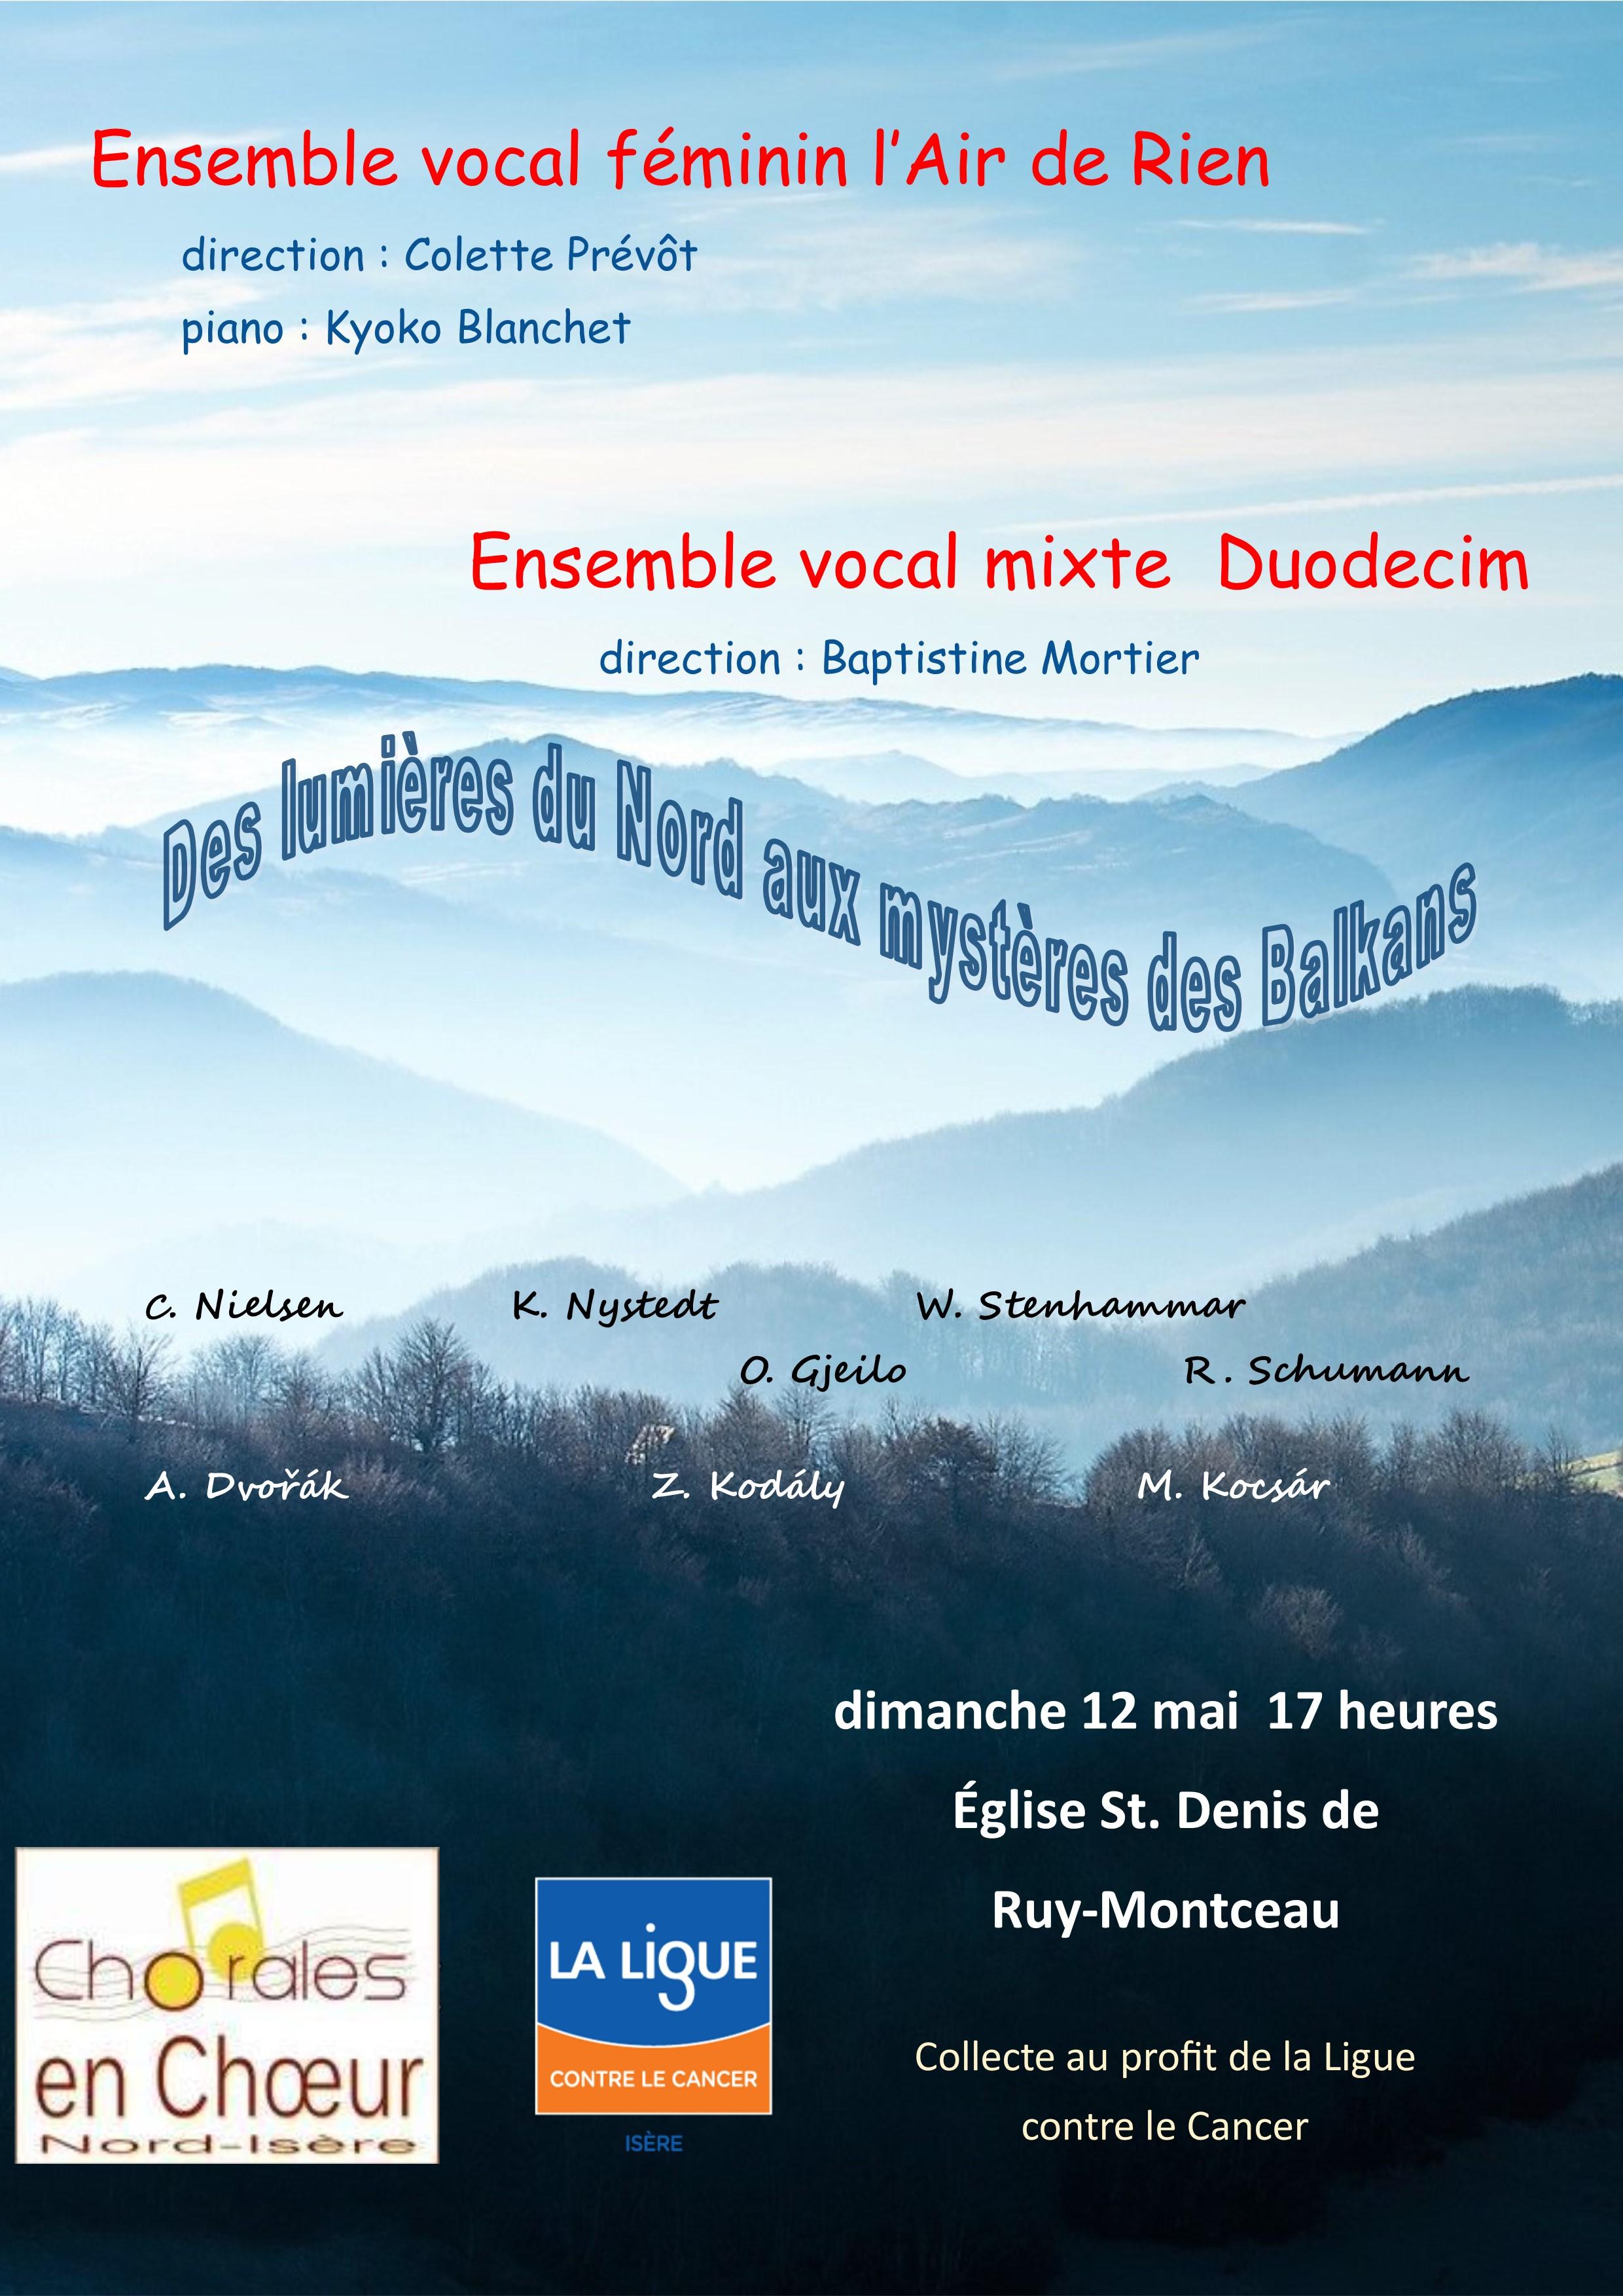 Concert Ruy Montceau 12 mai 2019